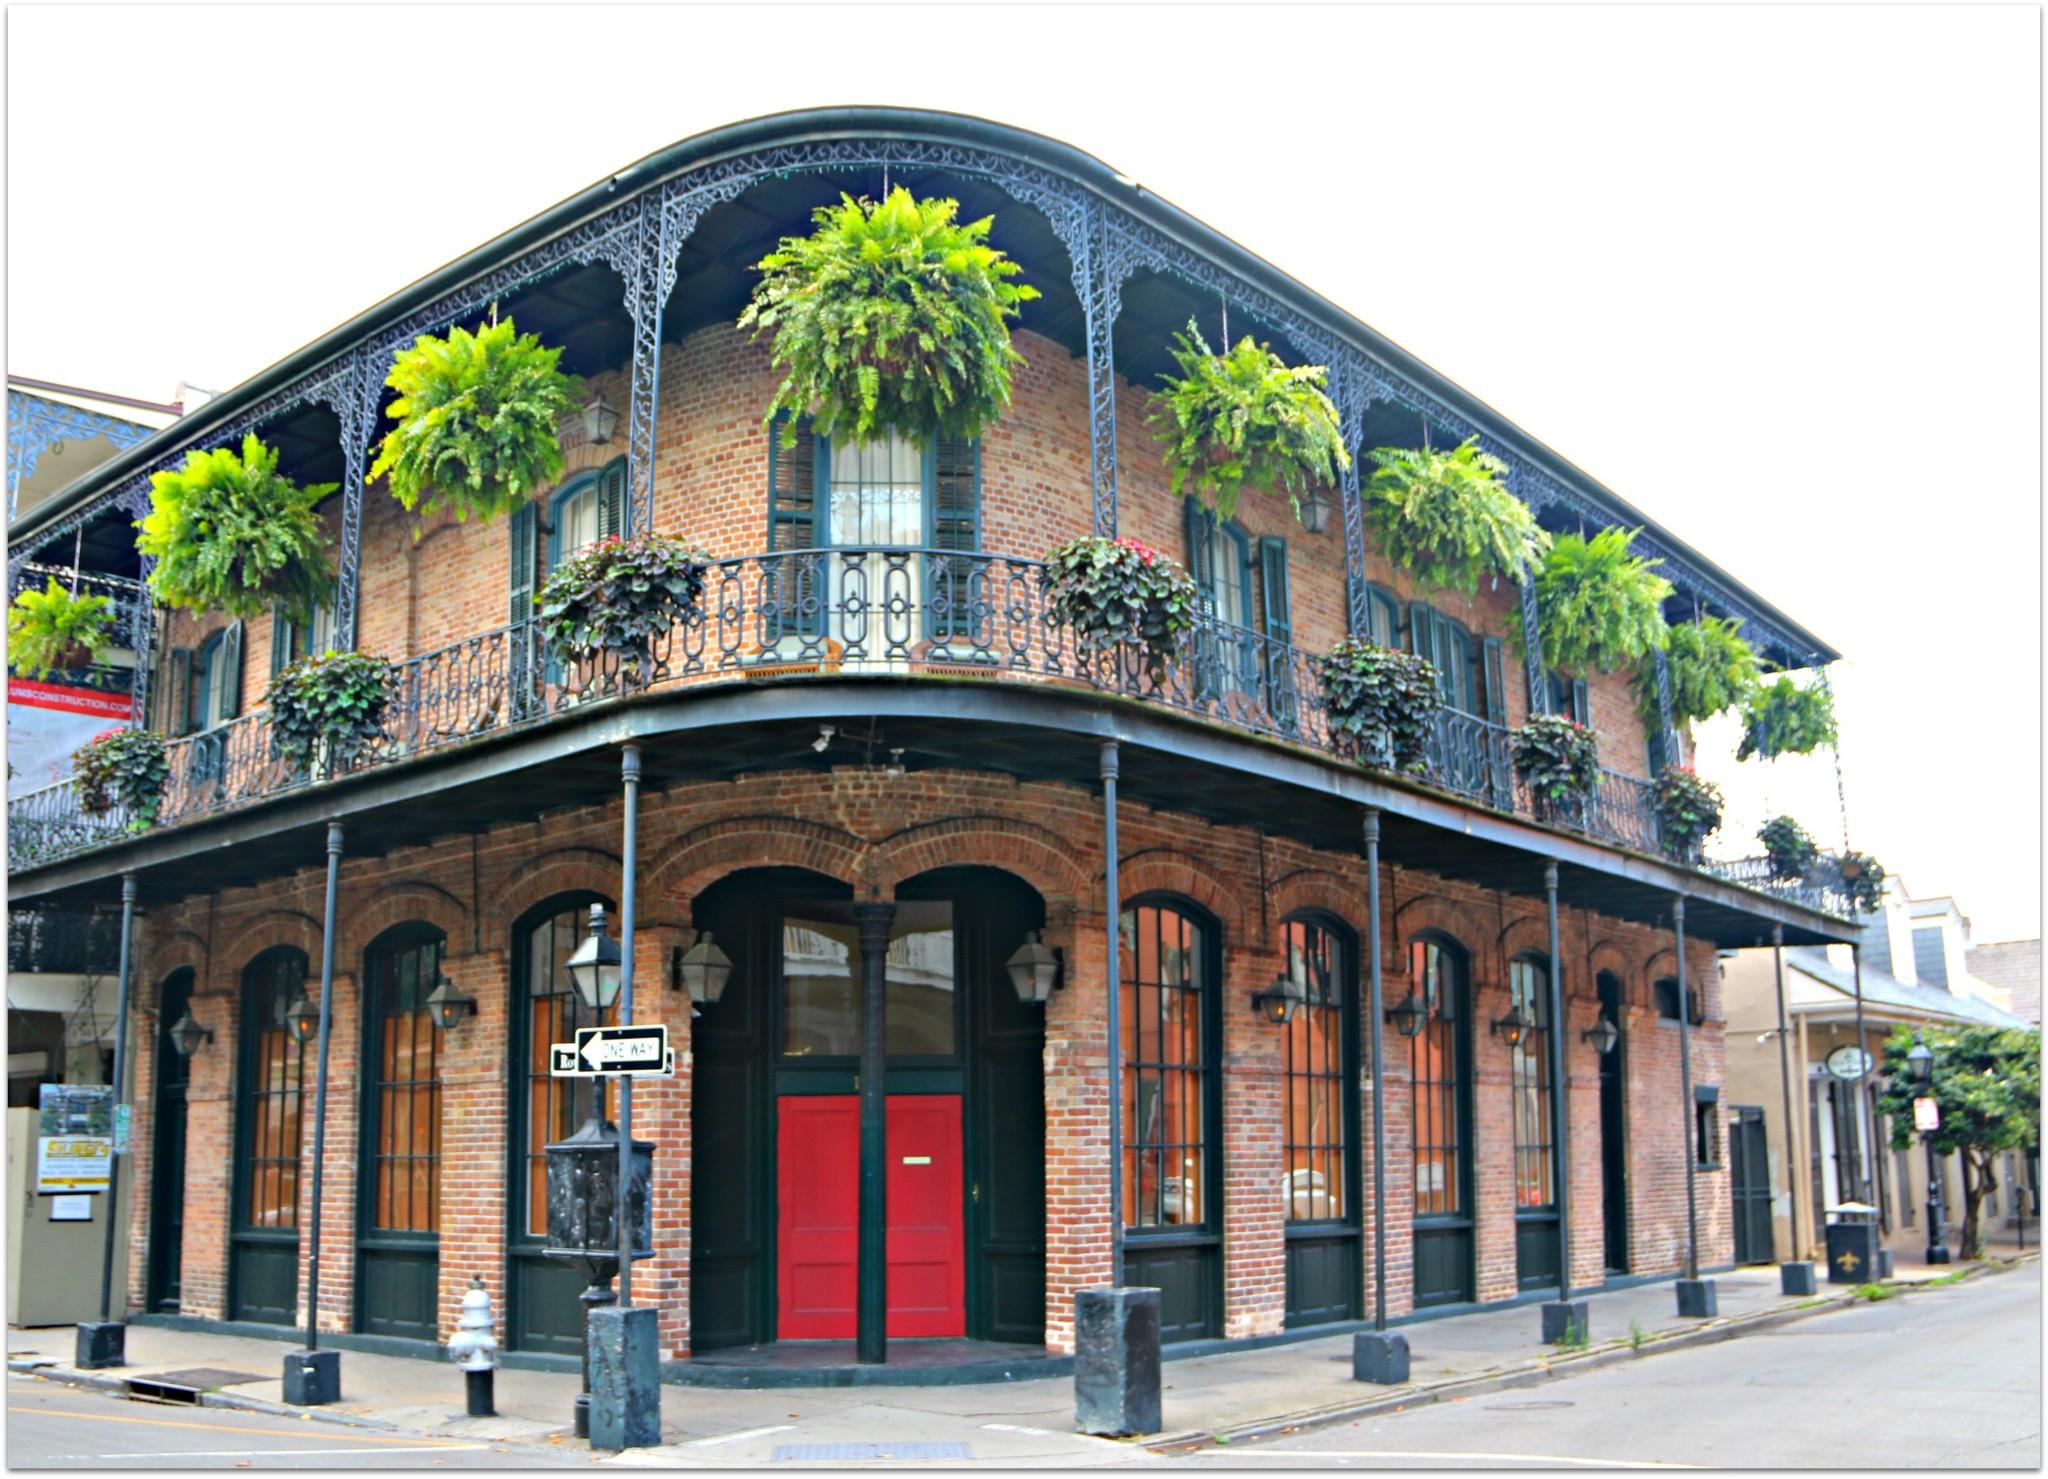 French Quarter Corner,Red Door